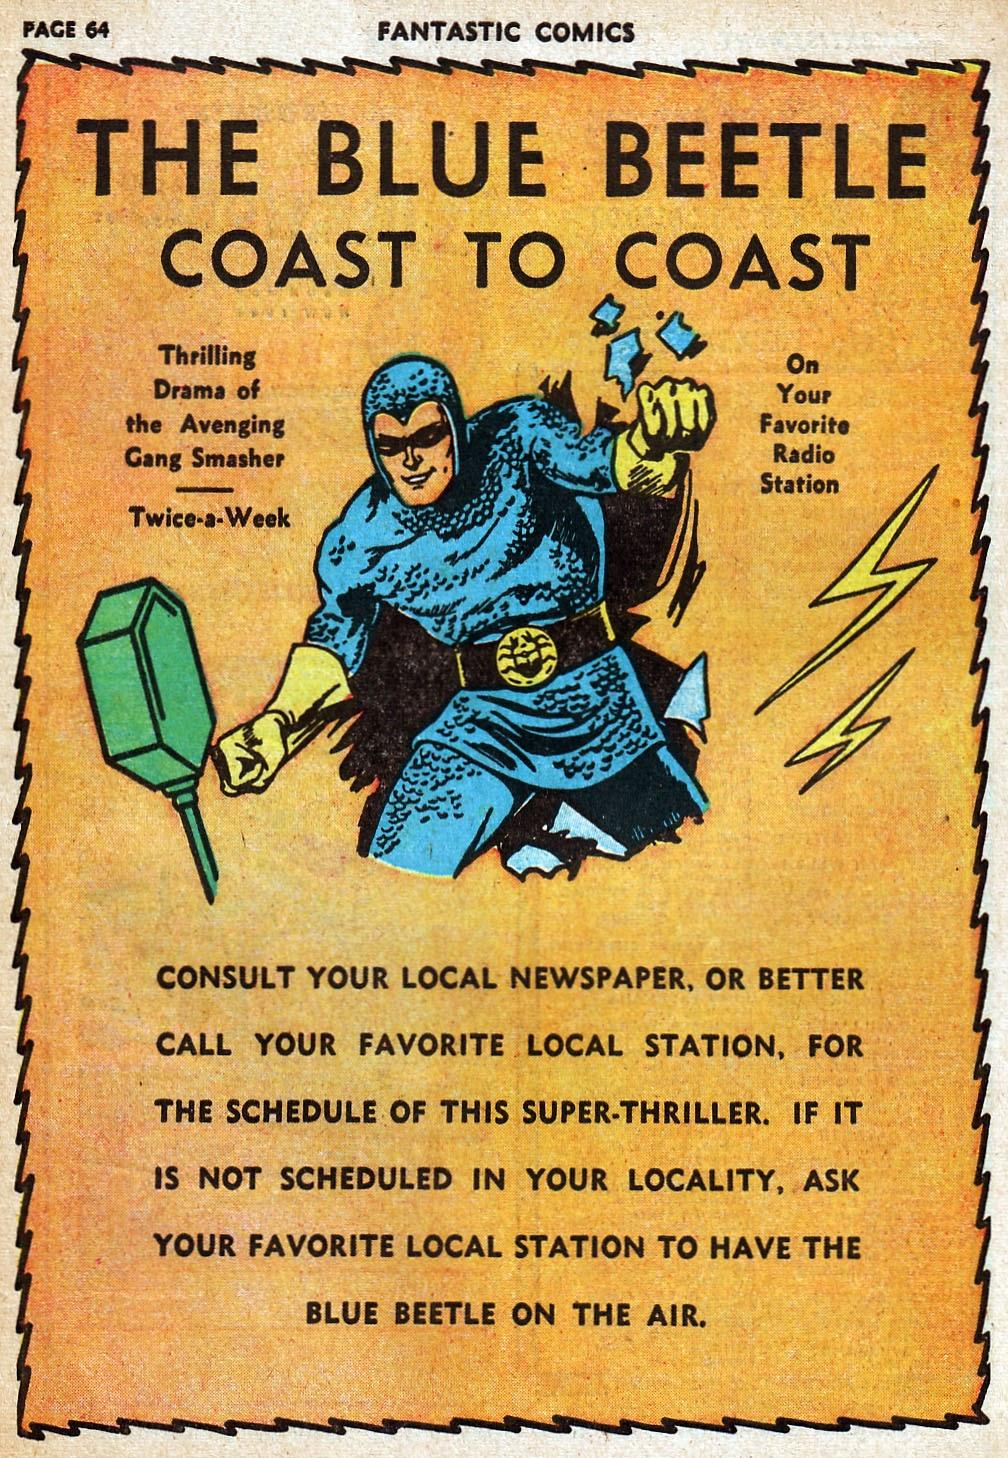 Read online Fantastic Comics comic -  Issue #20 - 64